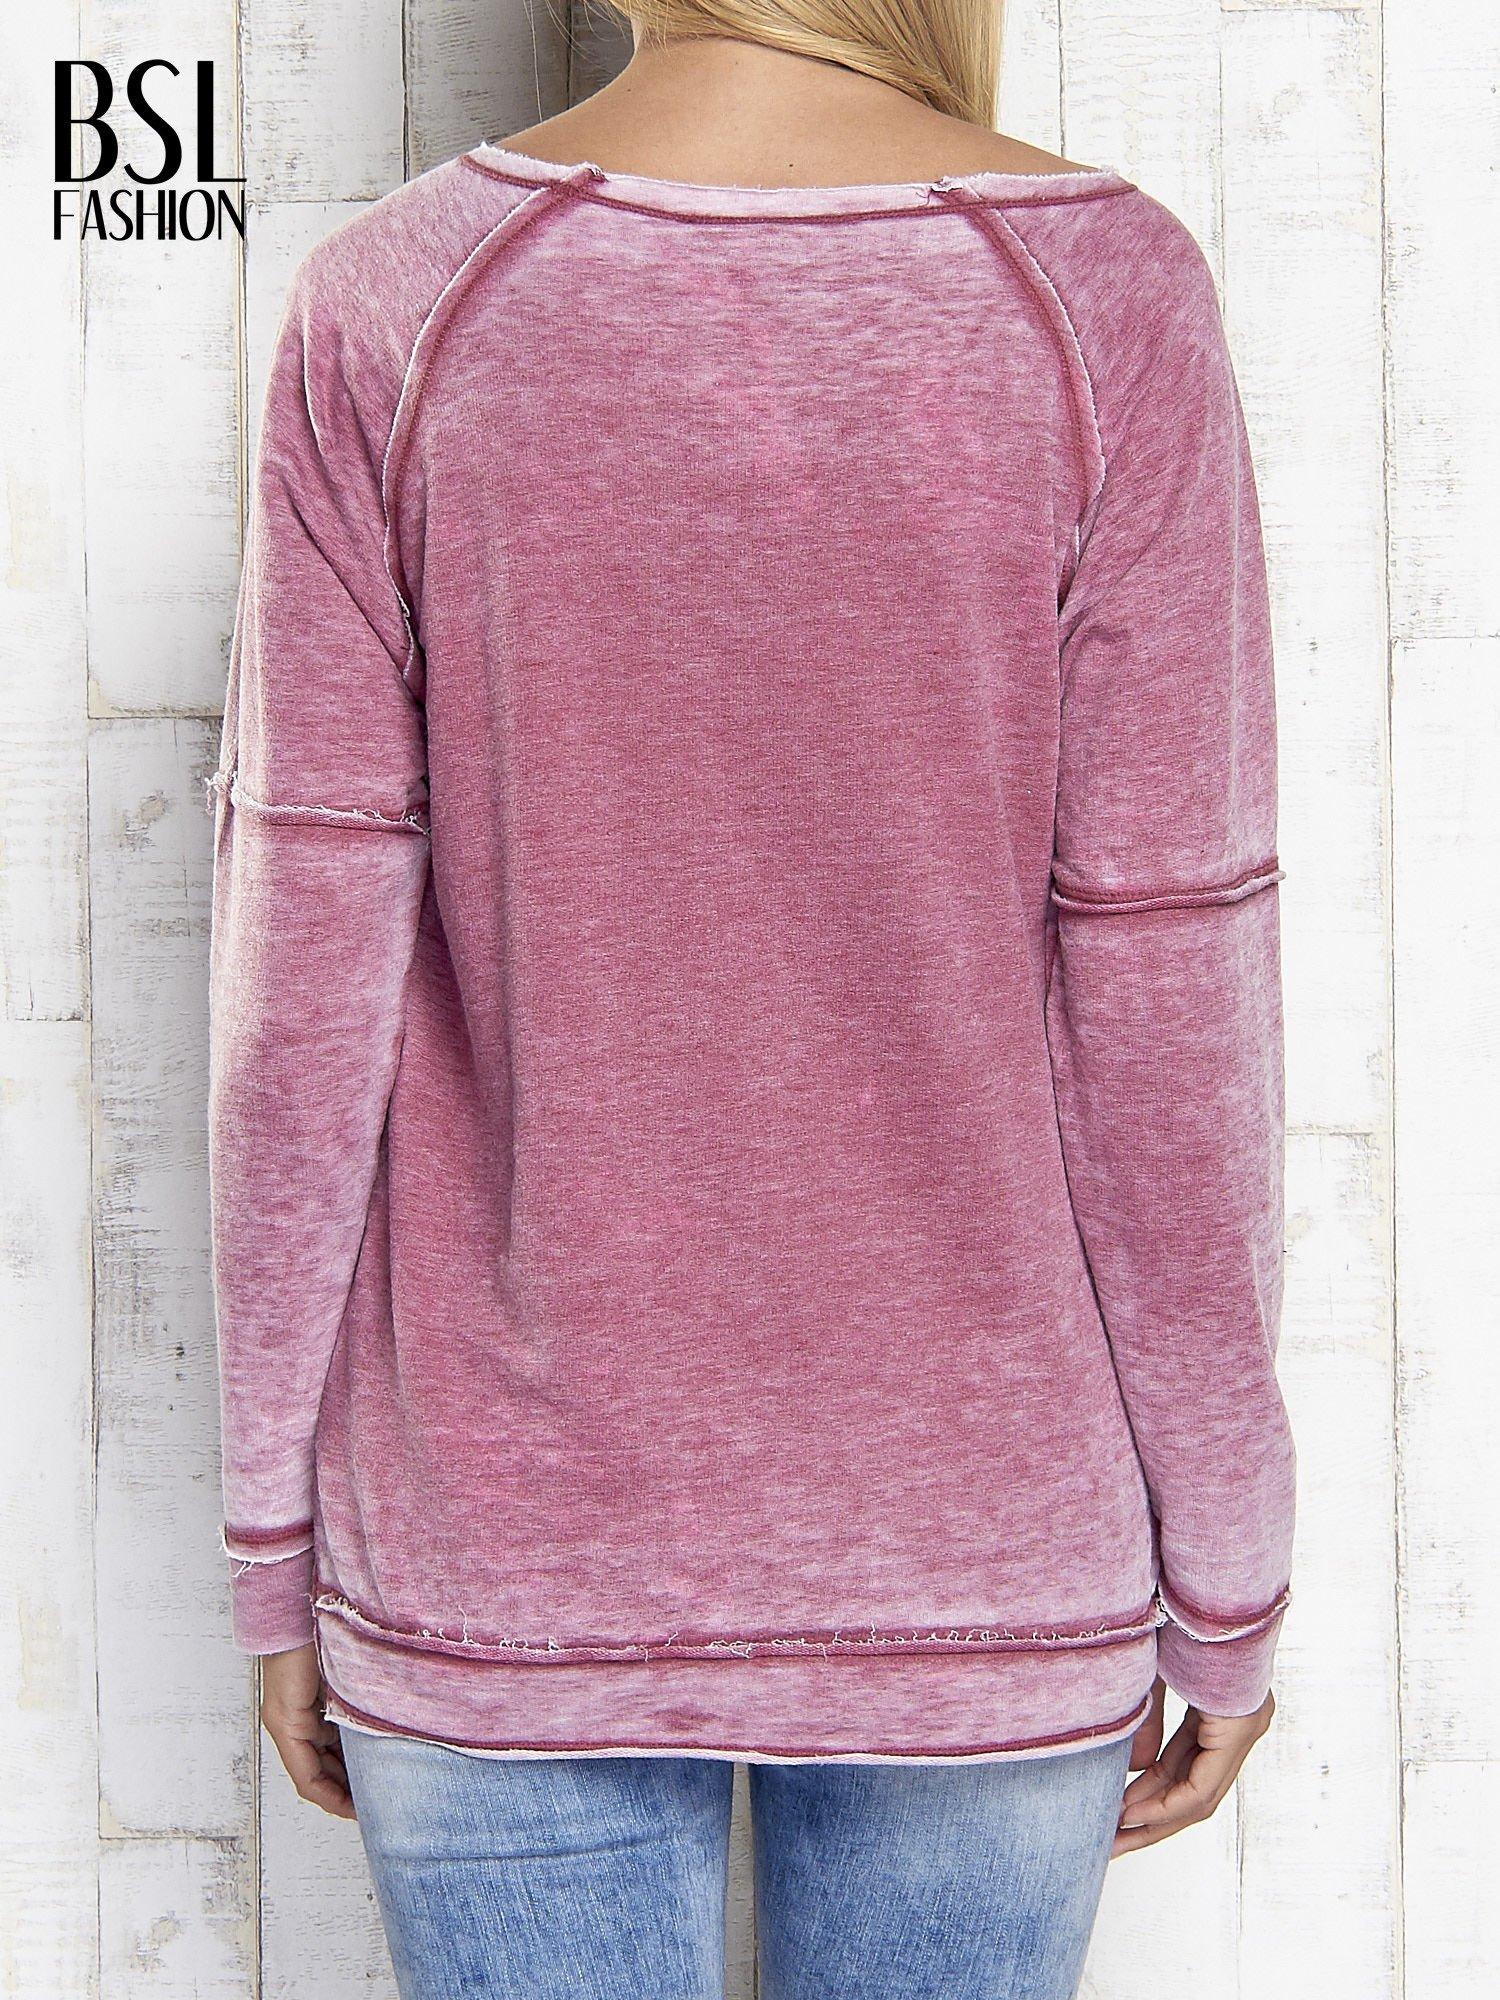 Bordowa dekatyzowana bluza z surowym wykończeniem                                  zdj.                                  5